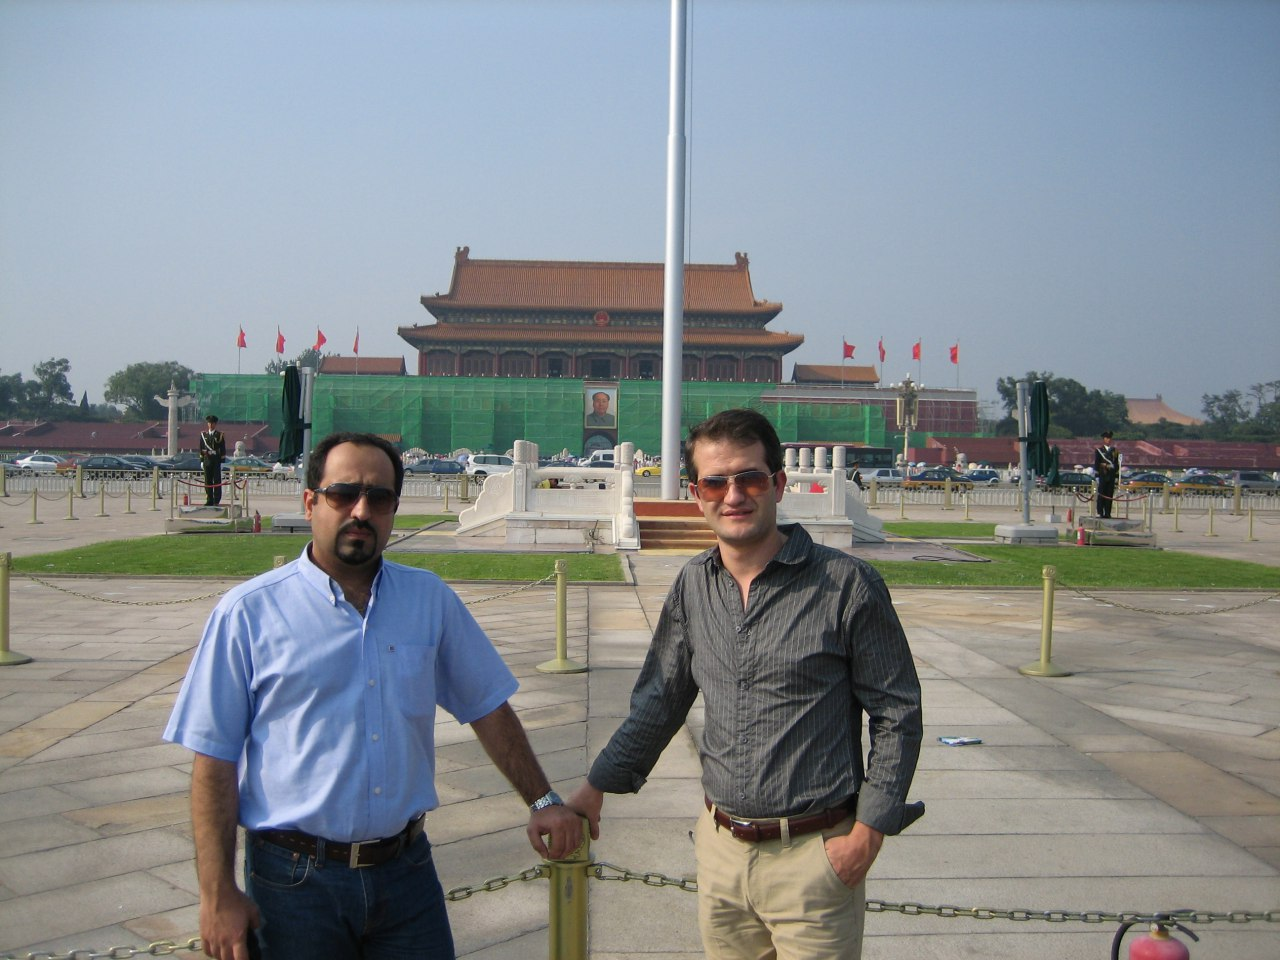 چین ، سفرسوم - قسمت ششم